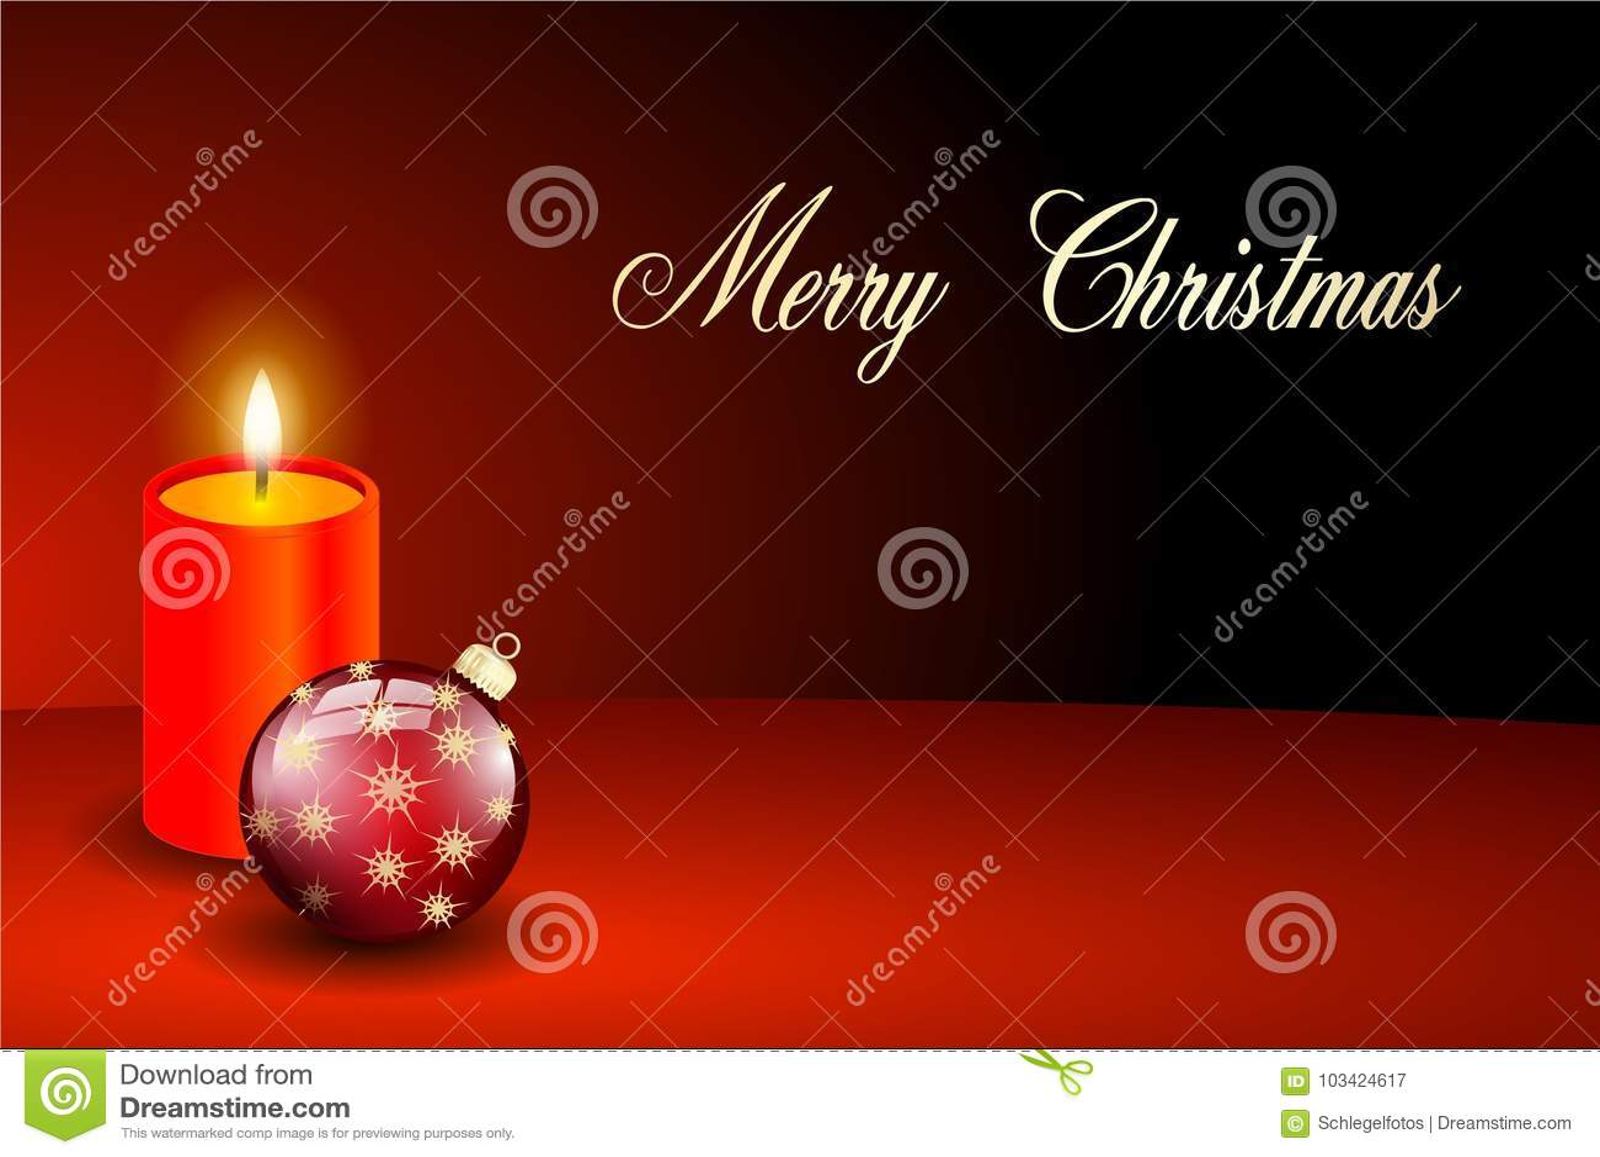 Czerwony Wesoło Kartka Bożonarodzeniowa Blask świecy